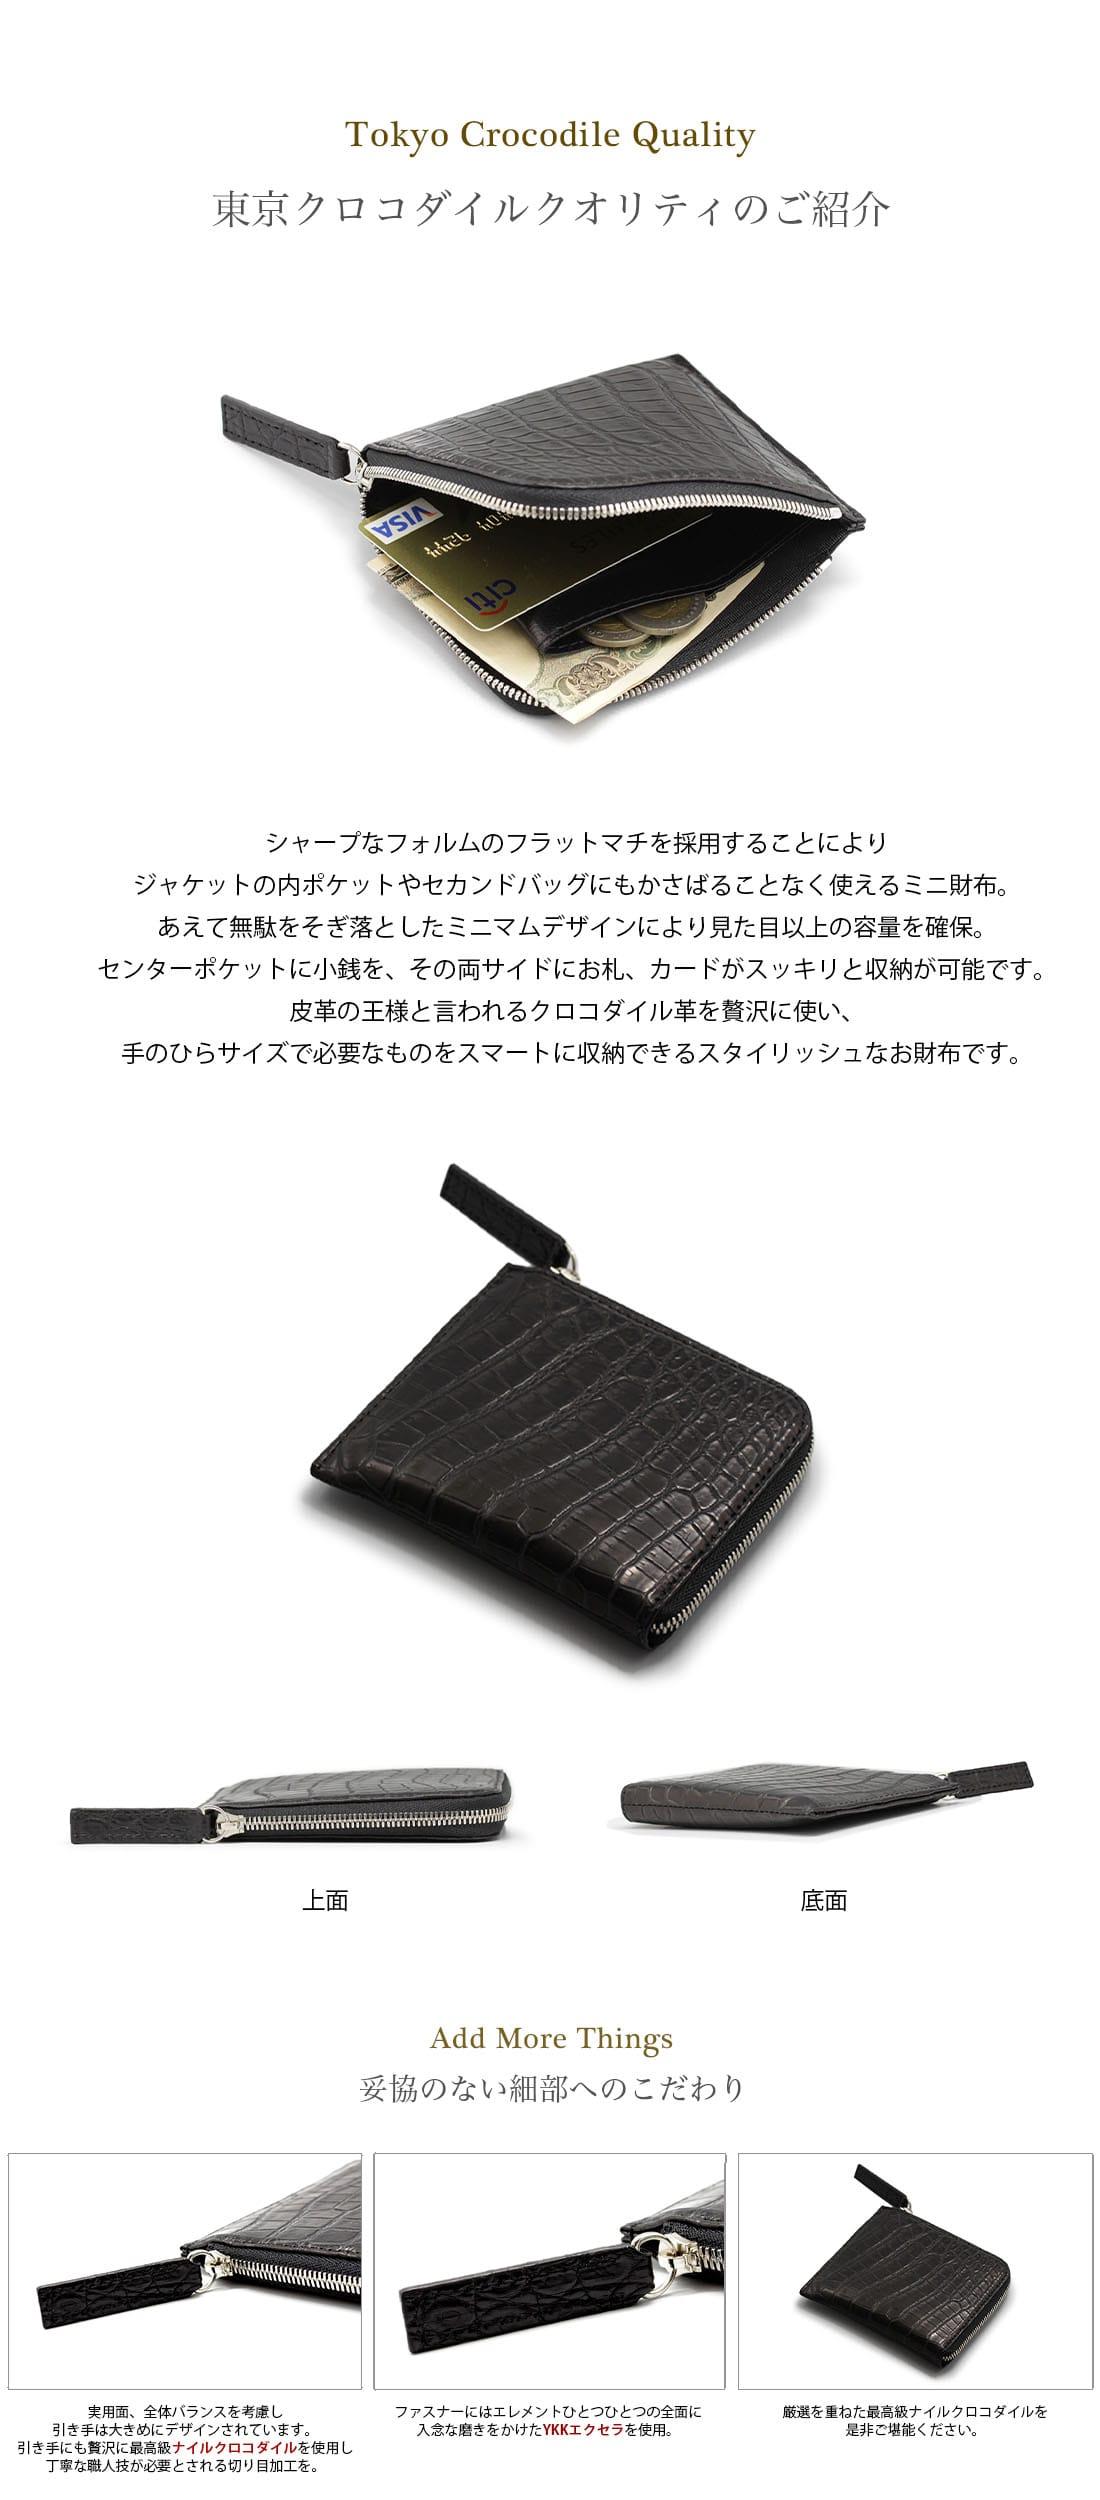 クロコダイル 財布 メンズ ミニ財布 スモールクロコダイル ポロサス プレゼント ブランド